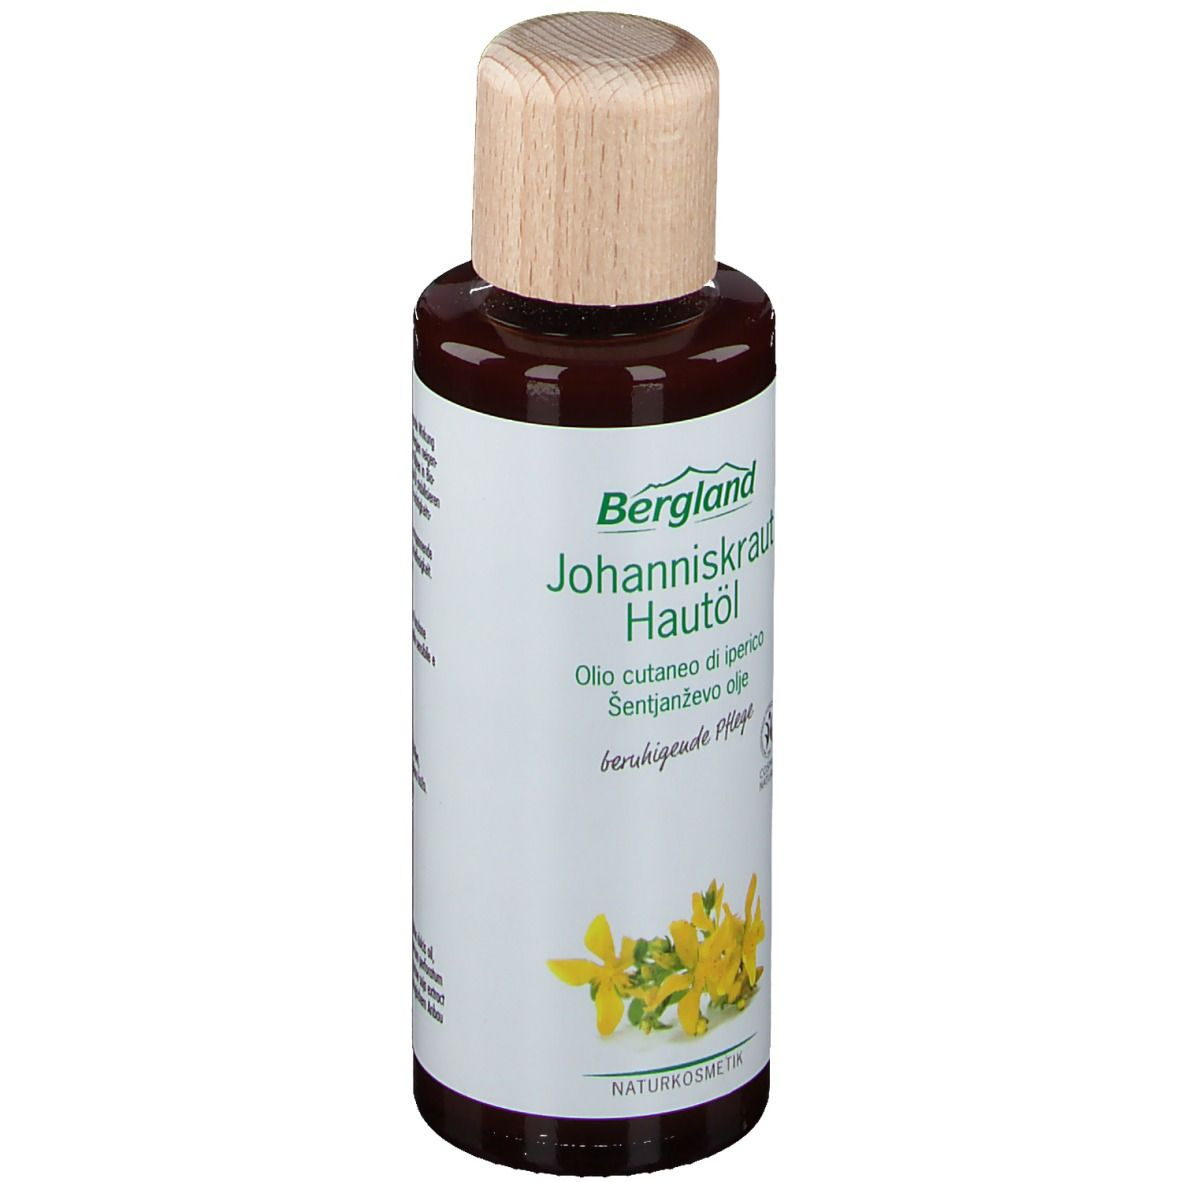 Johanniskraut Hautöl